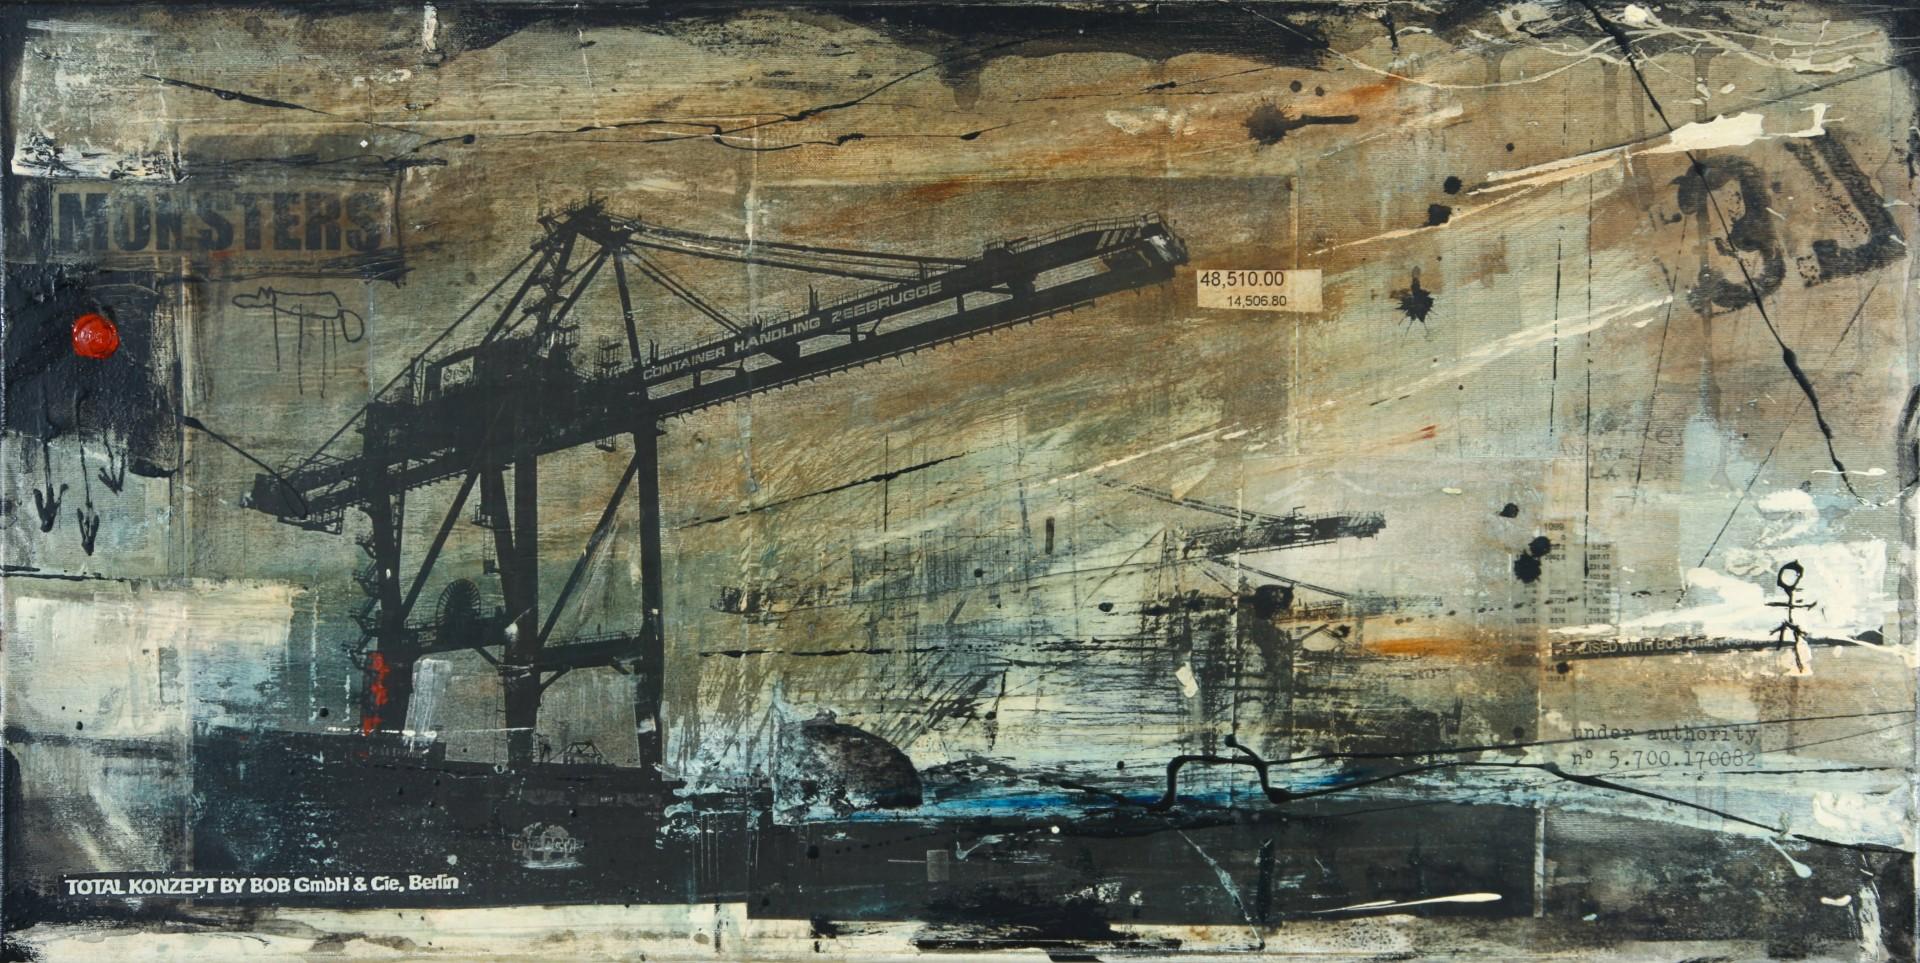 Monsters - Zeebrugge (B) - collage photo, huile, acrylique sur toile - 50 x 100 cm - 2009